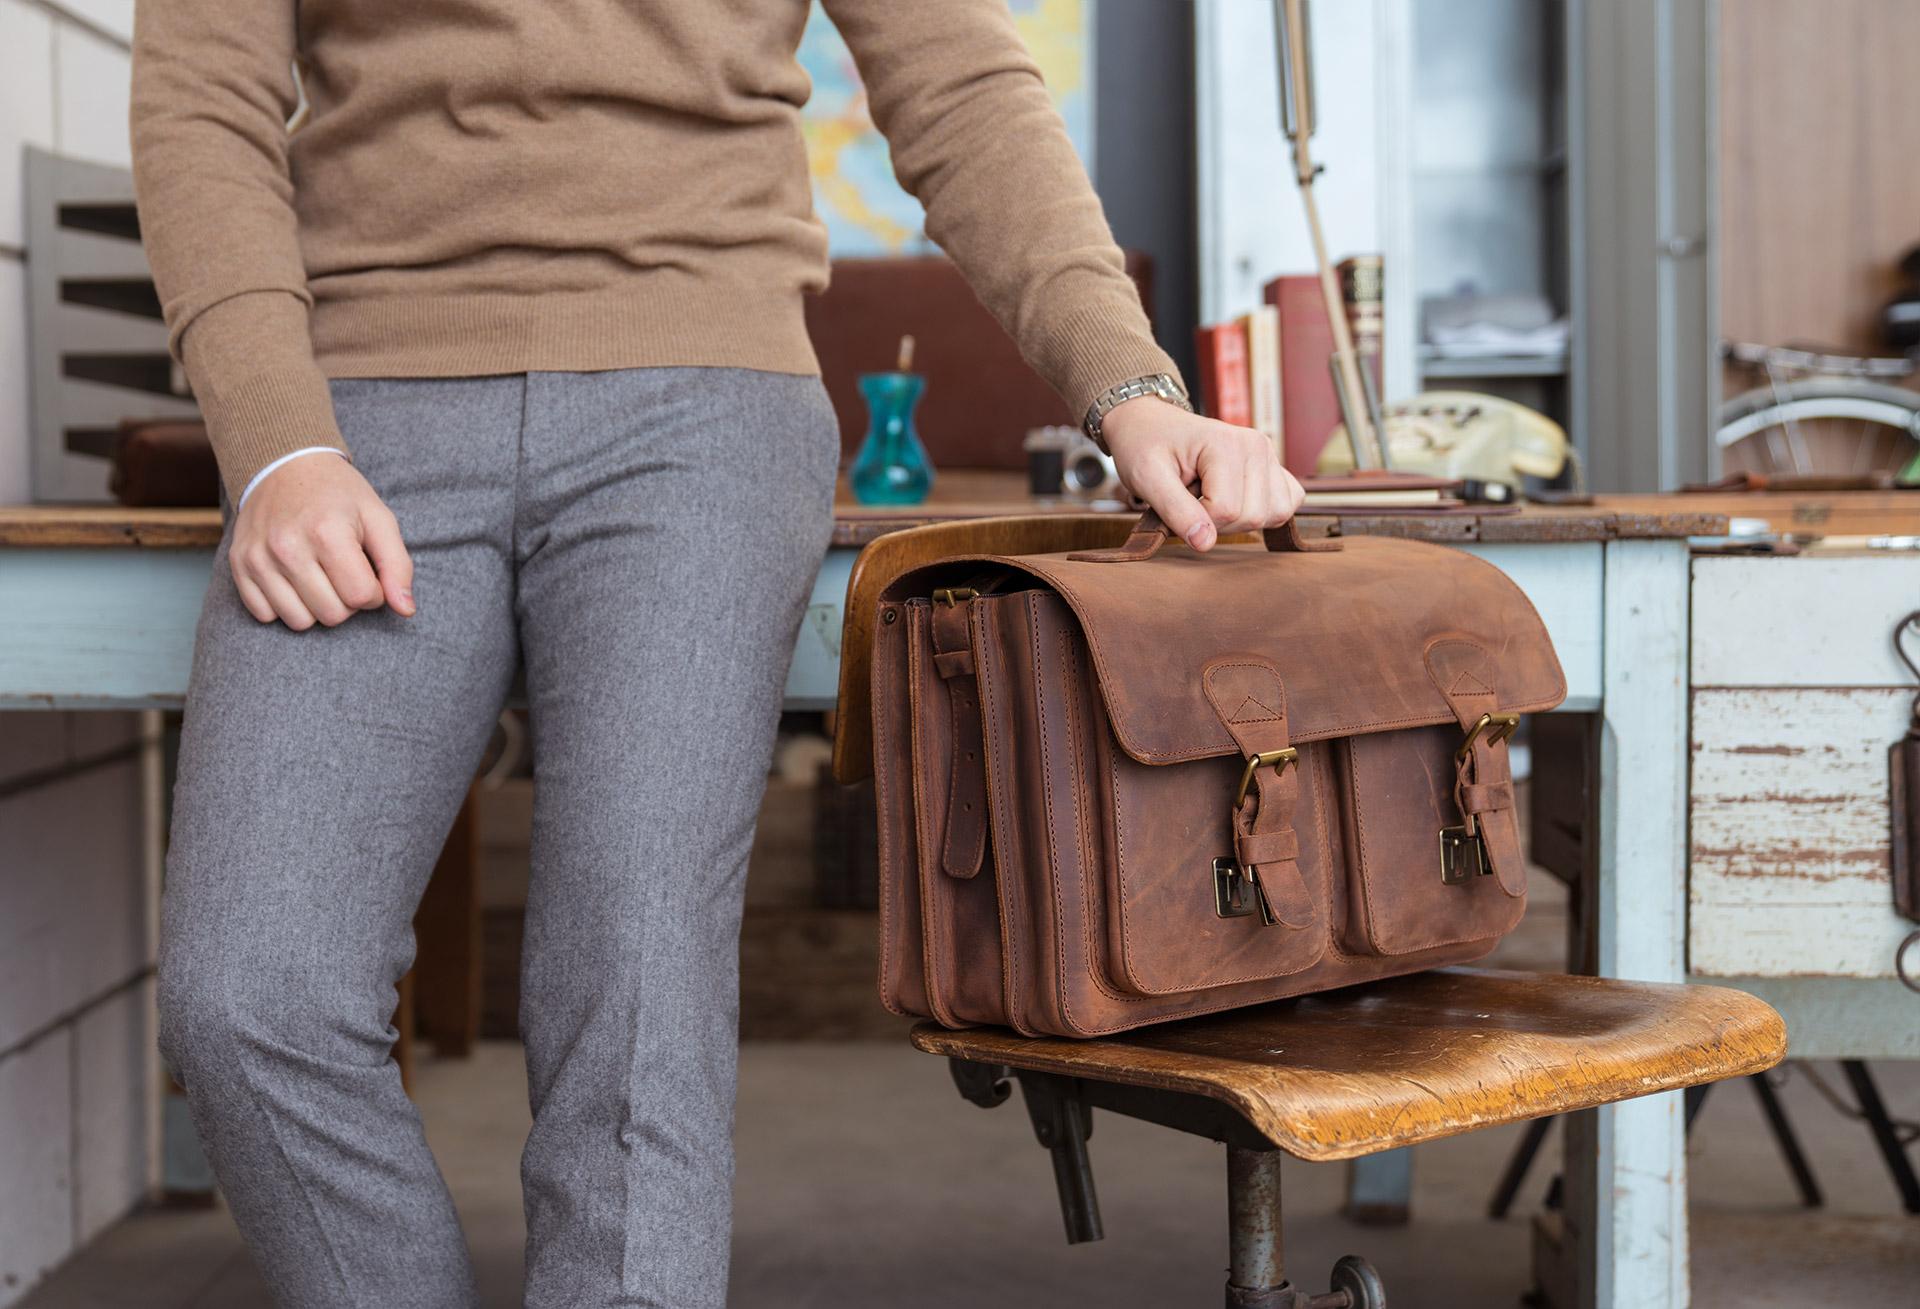 Enseignant avec cartable en cuir marron.